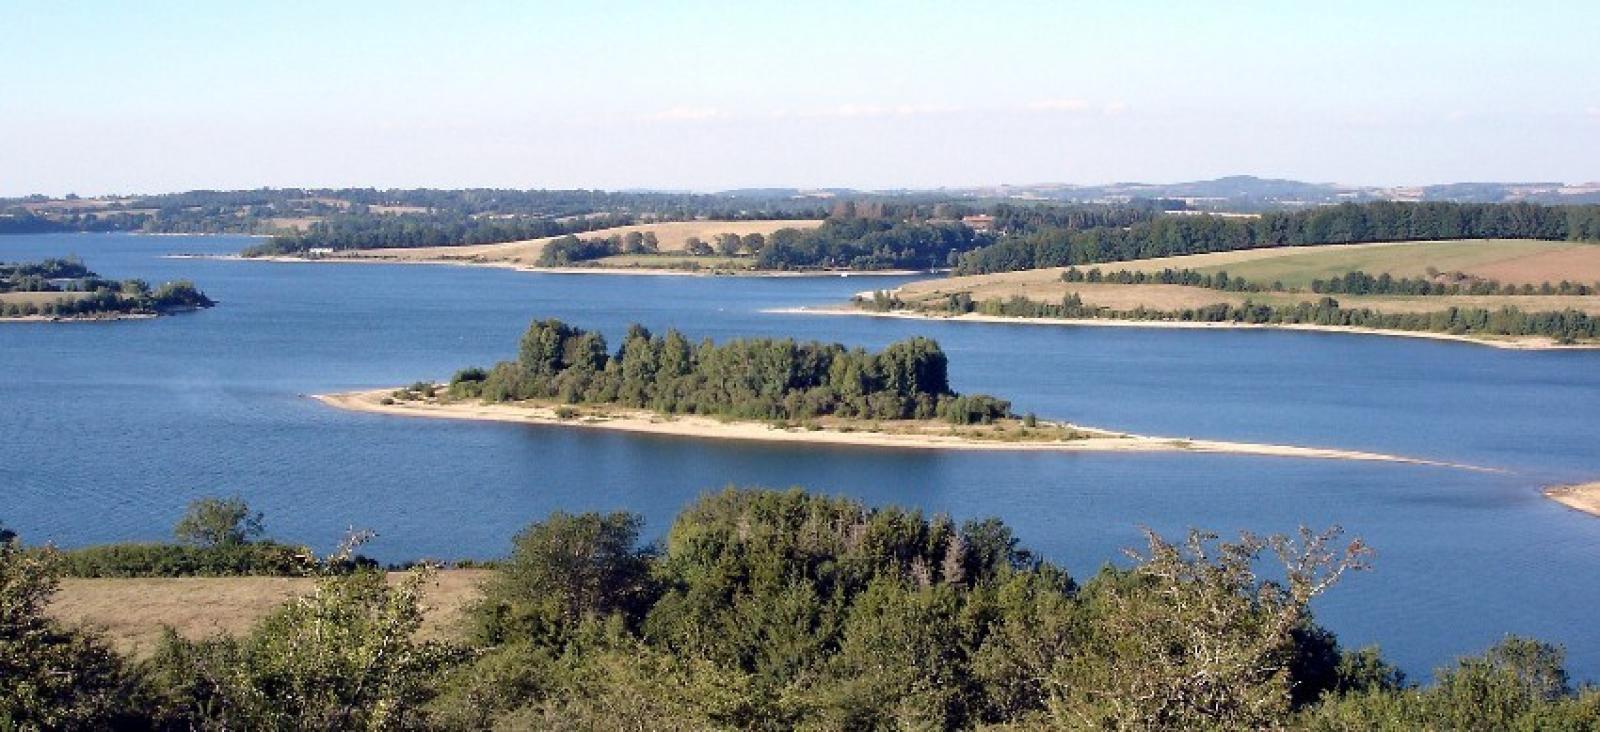 Le lac de Pareloup et ses îles